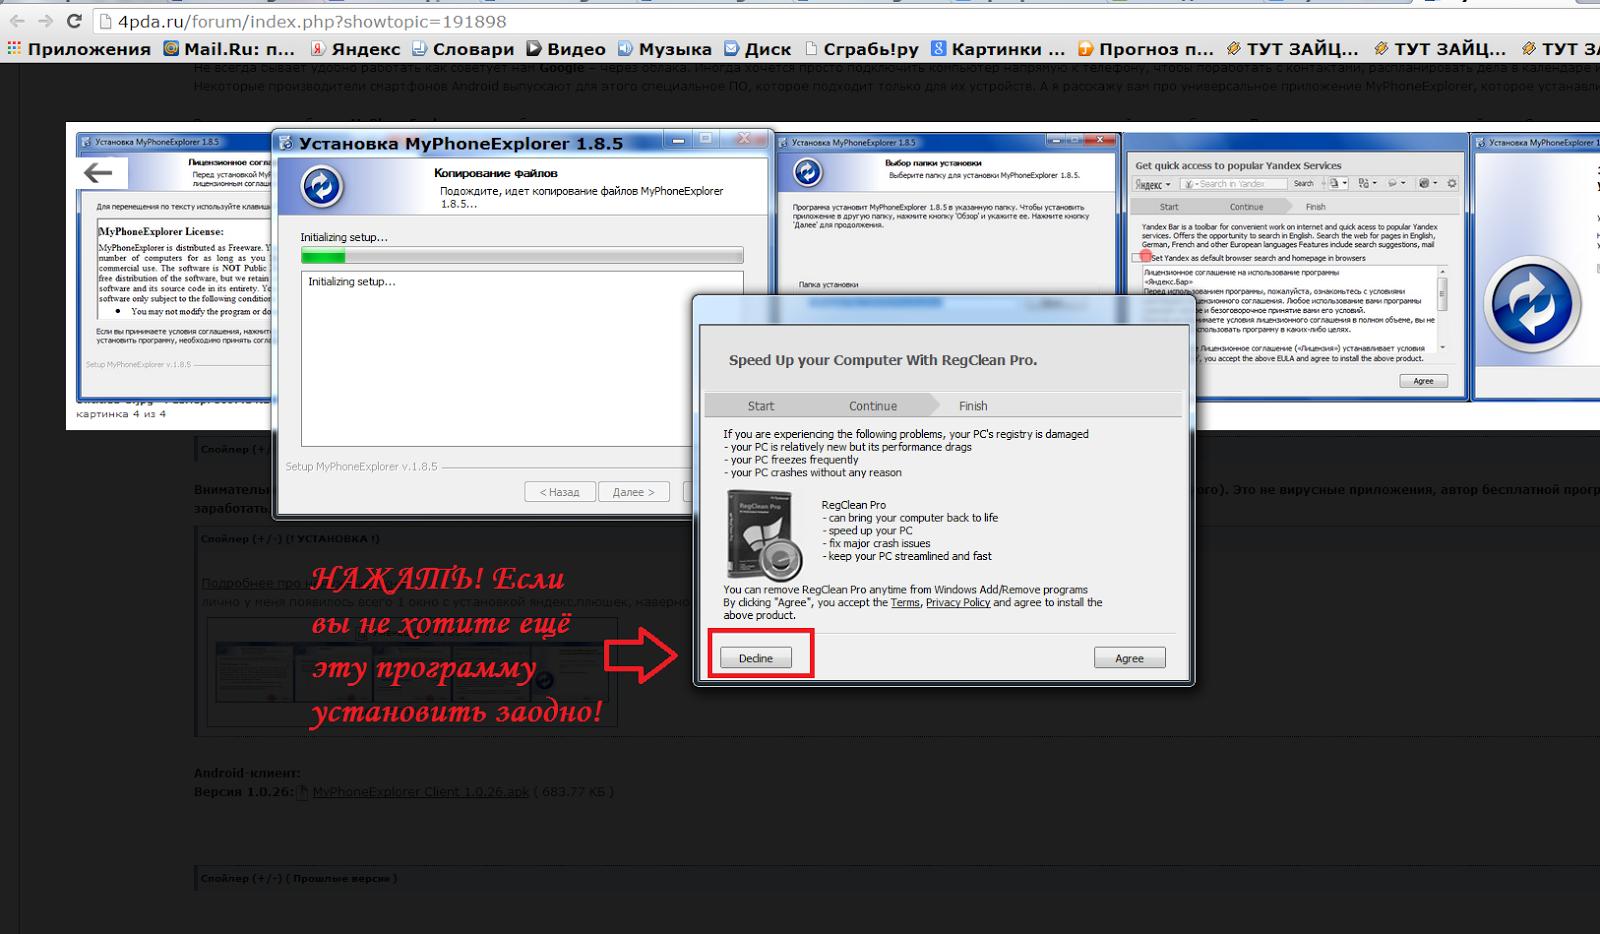 Скриншот экрана как сделать на компьютере программа фото 750